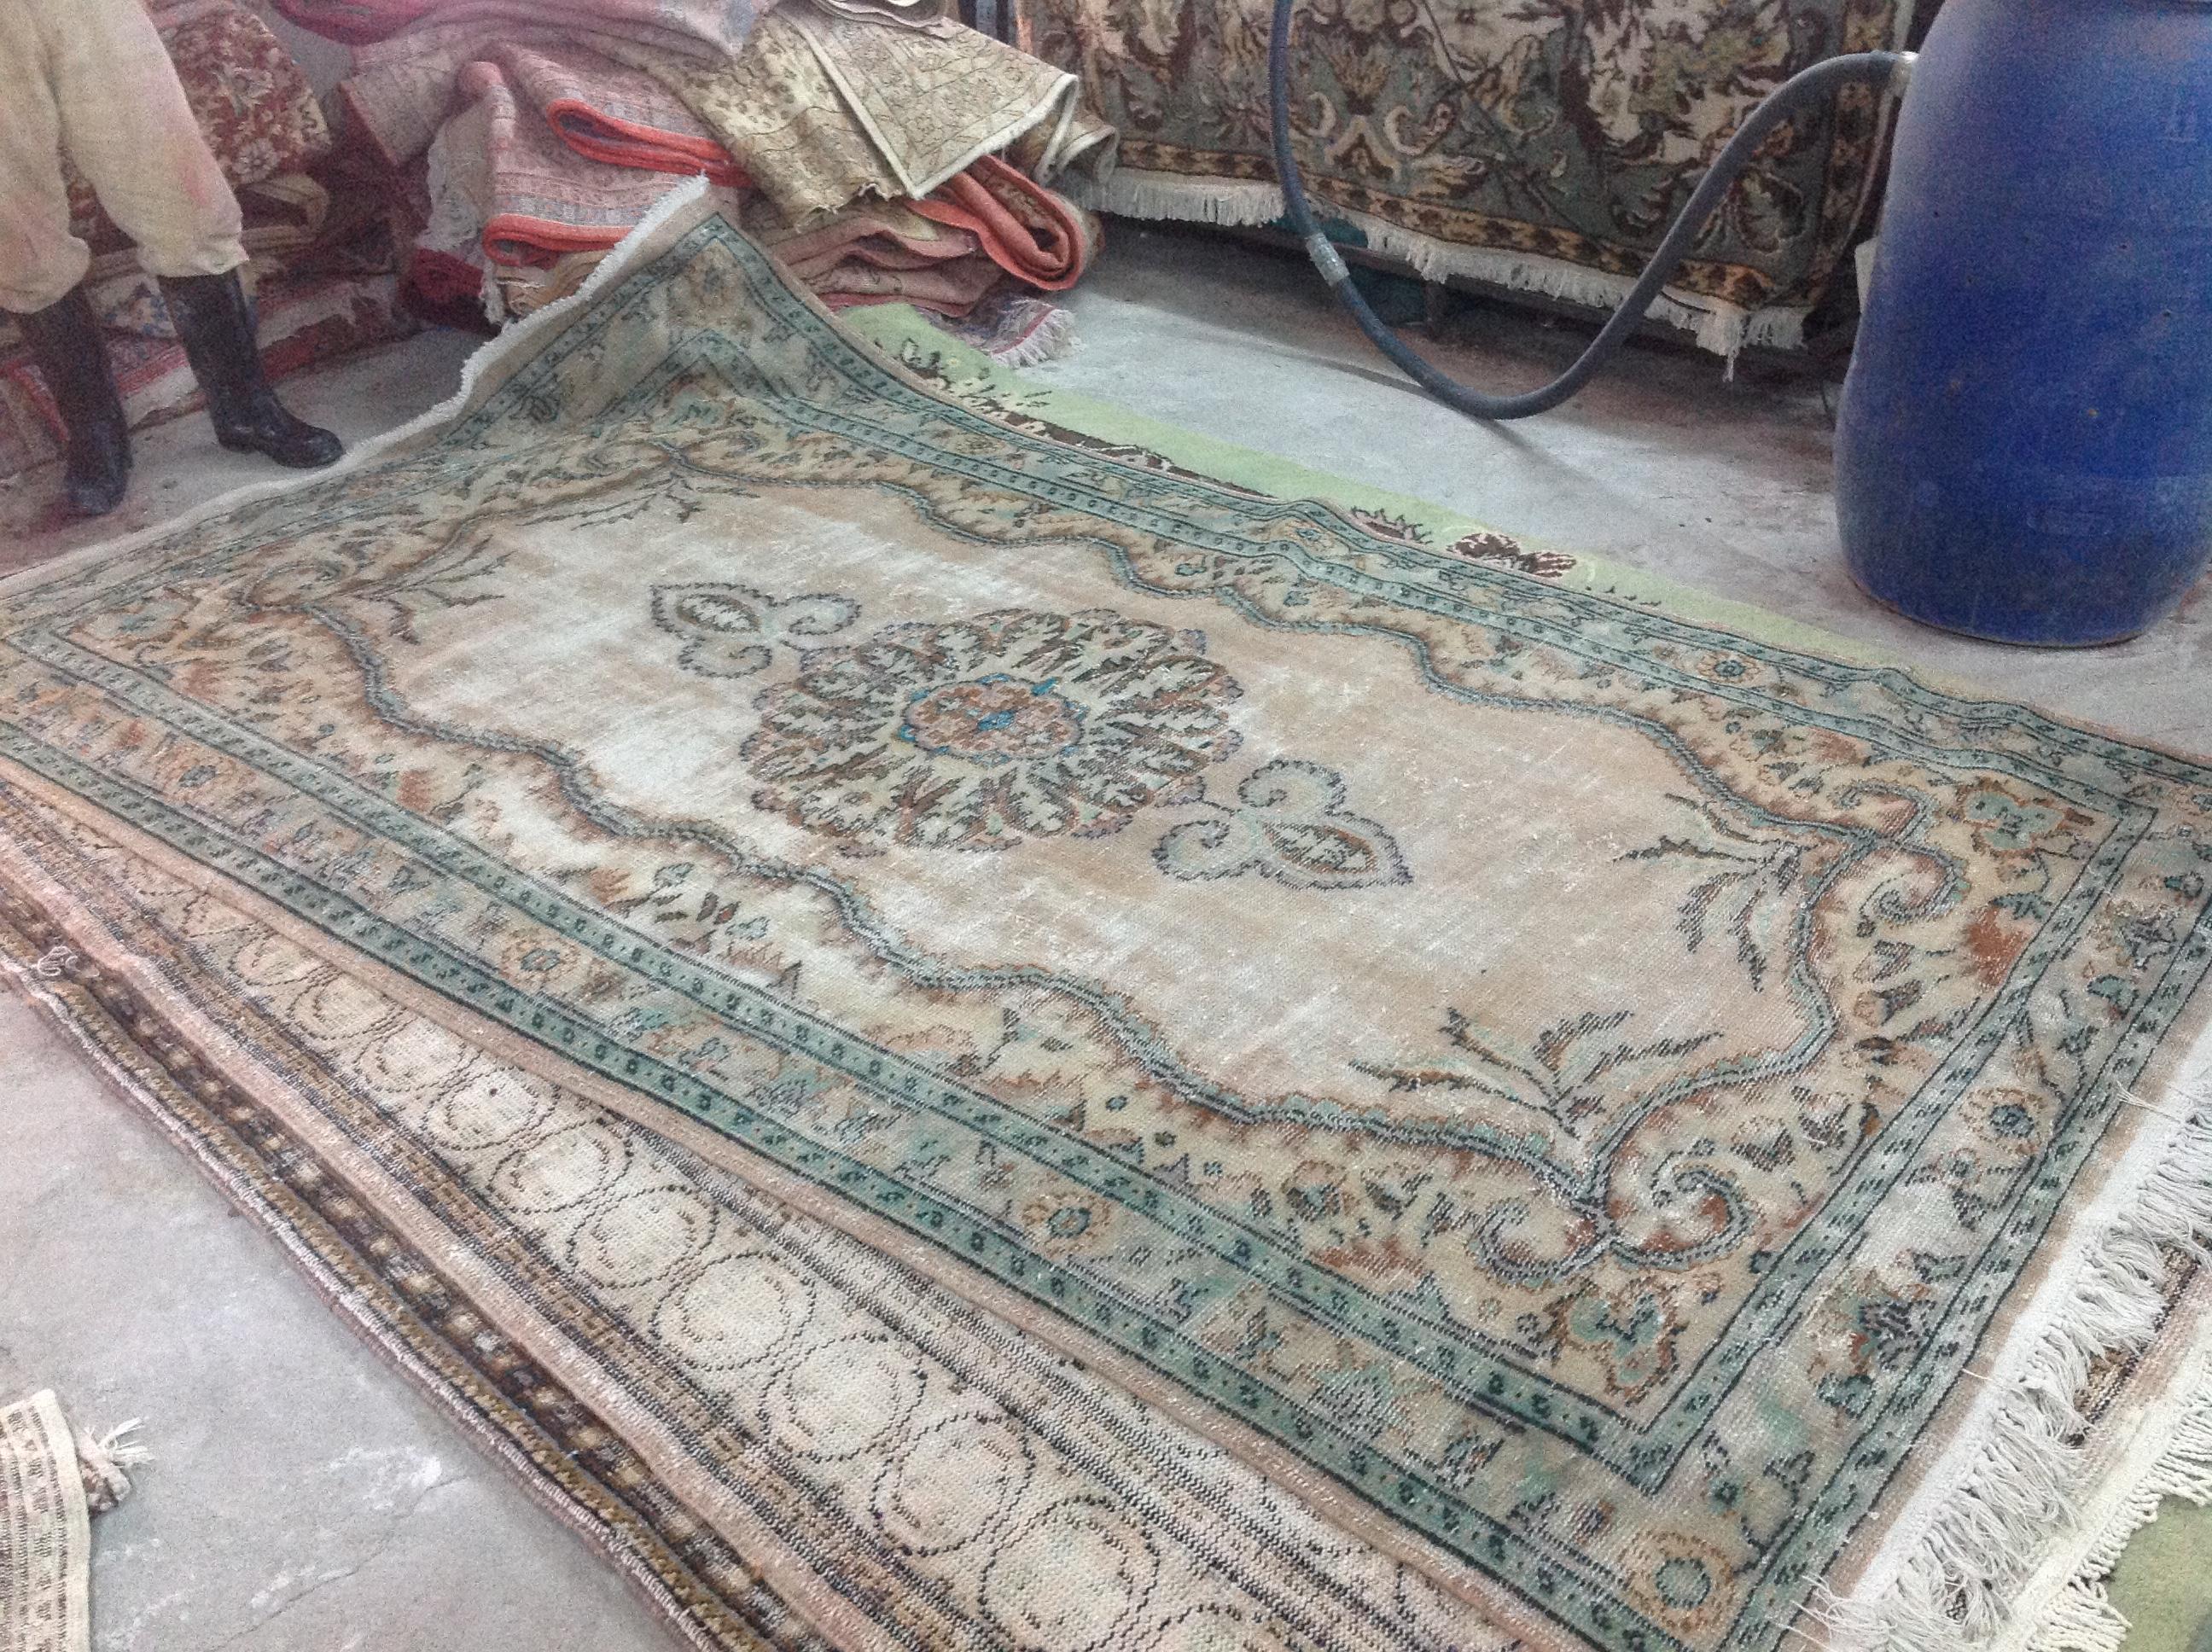 NIEUW INGEKOCHT vintage vloerkleed  uit Turkije 301cm x 177cm, no 4631  LEVERBAAR VANAF 15 DECEMBER